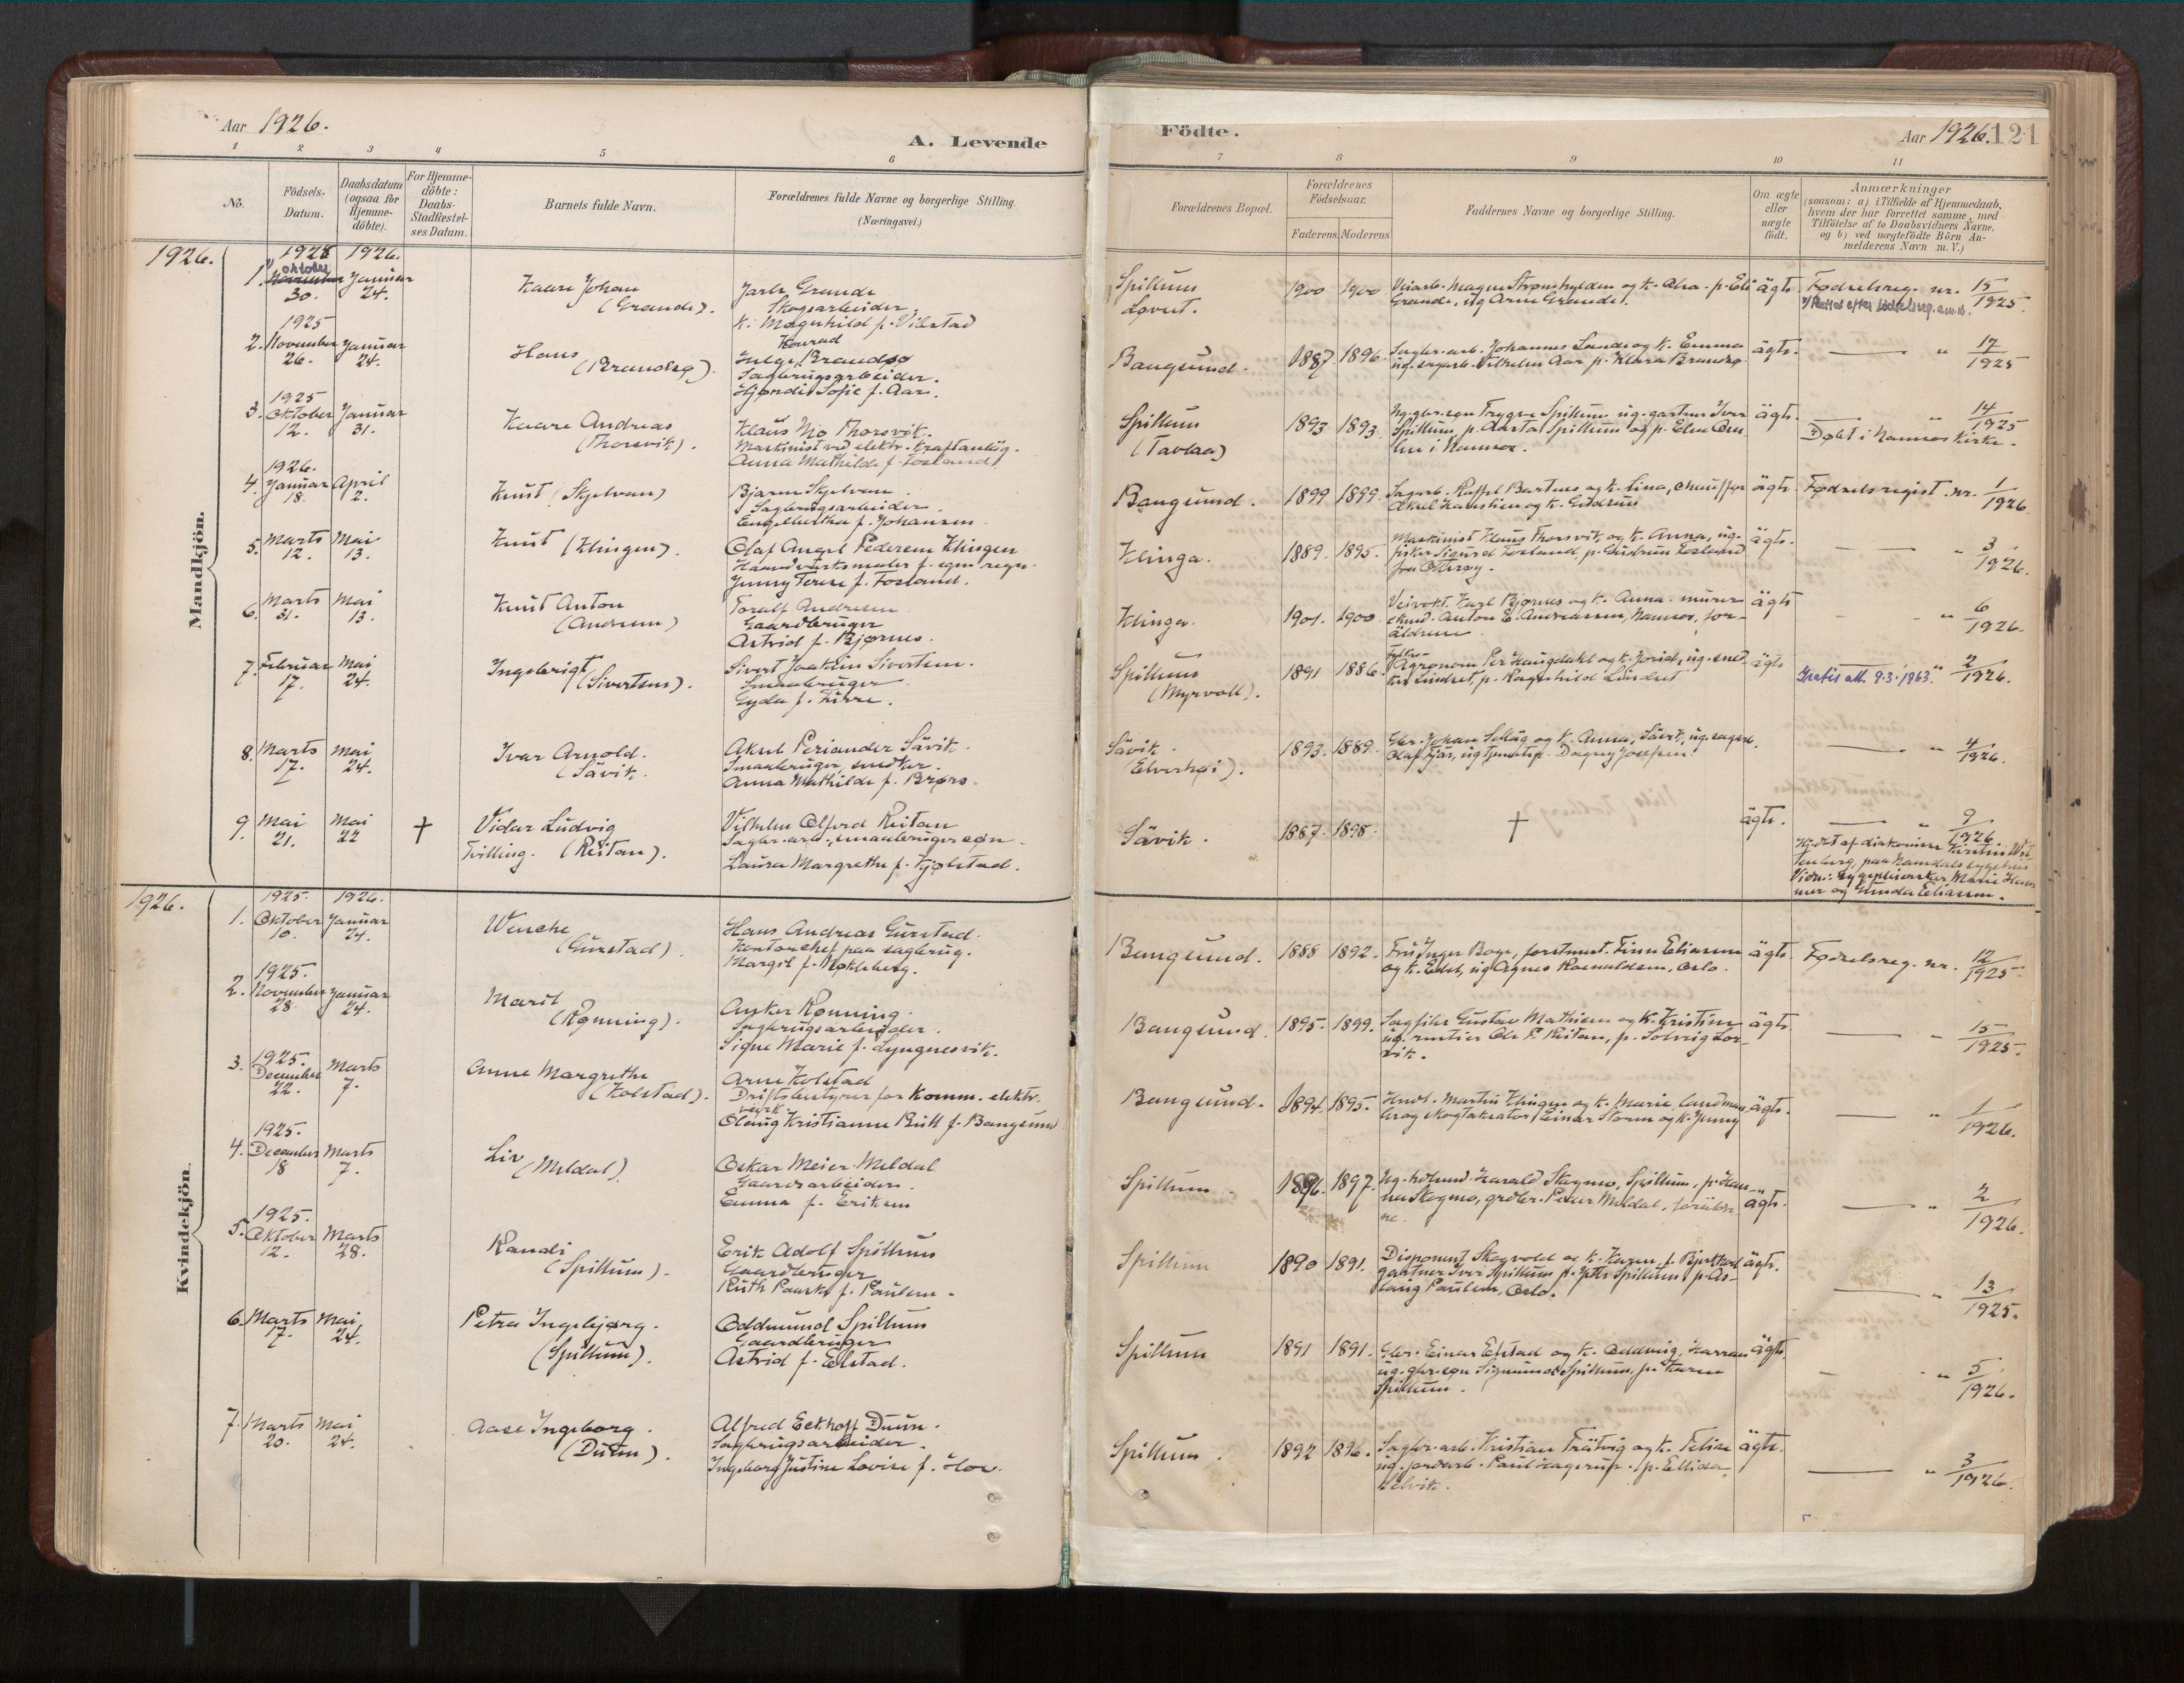 SAT, Ministerialprotokoller, klokkerbøker og fødselsregistre - Nord-Trøndelag, 770/L0589: Ministerialbok nr. 770A03, 1887-1929, s. 121